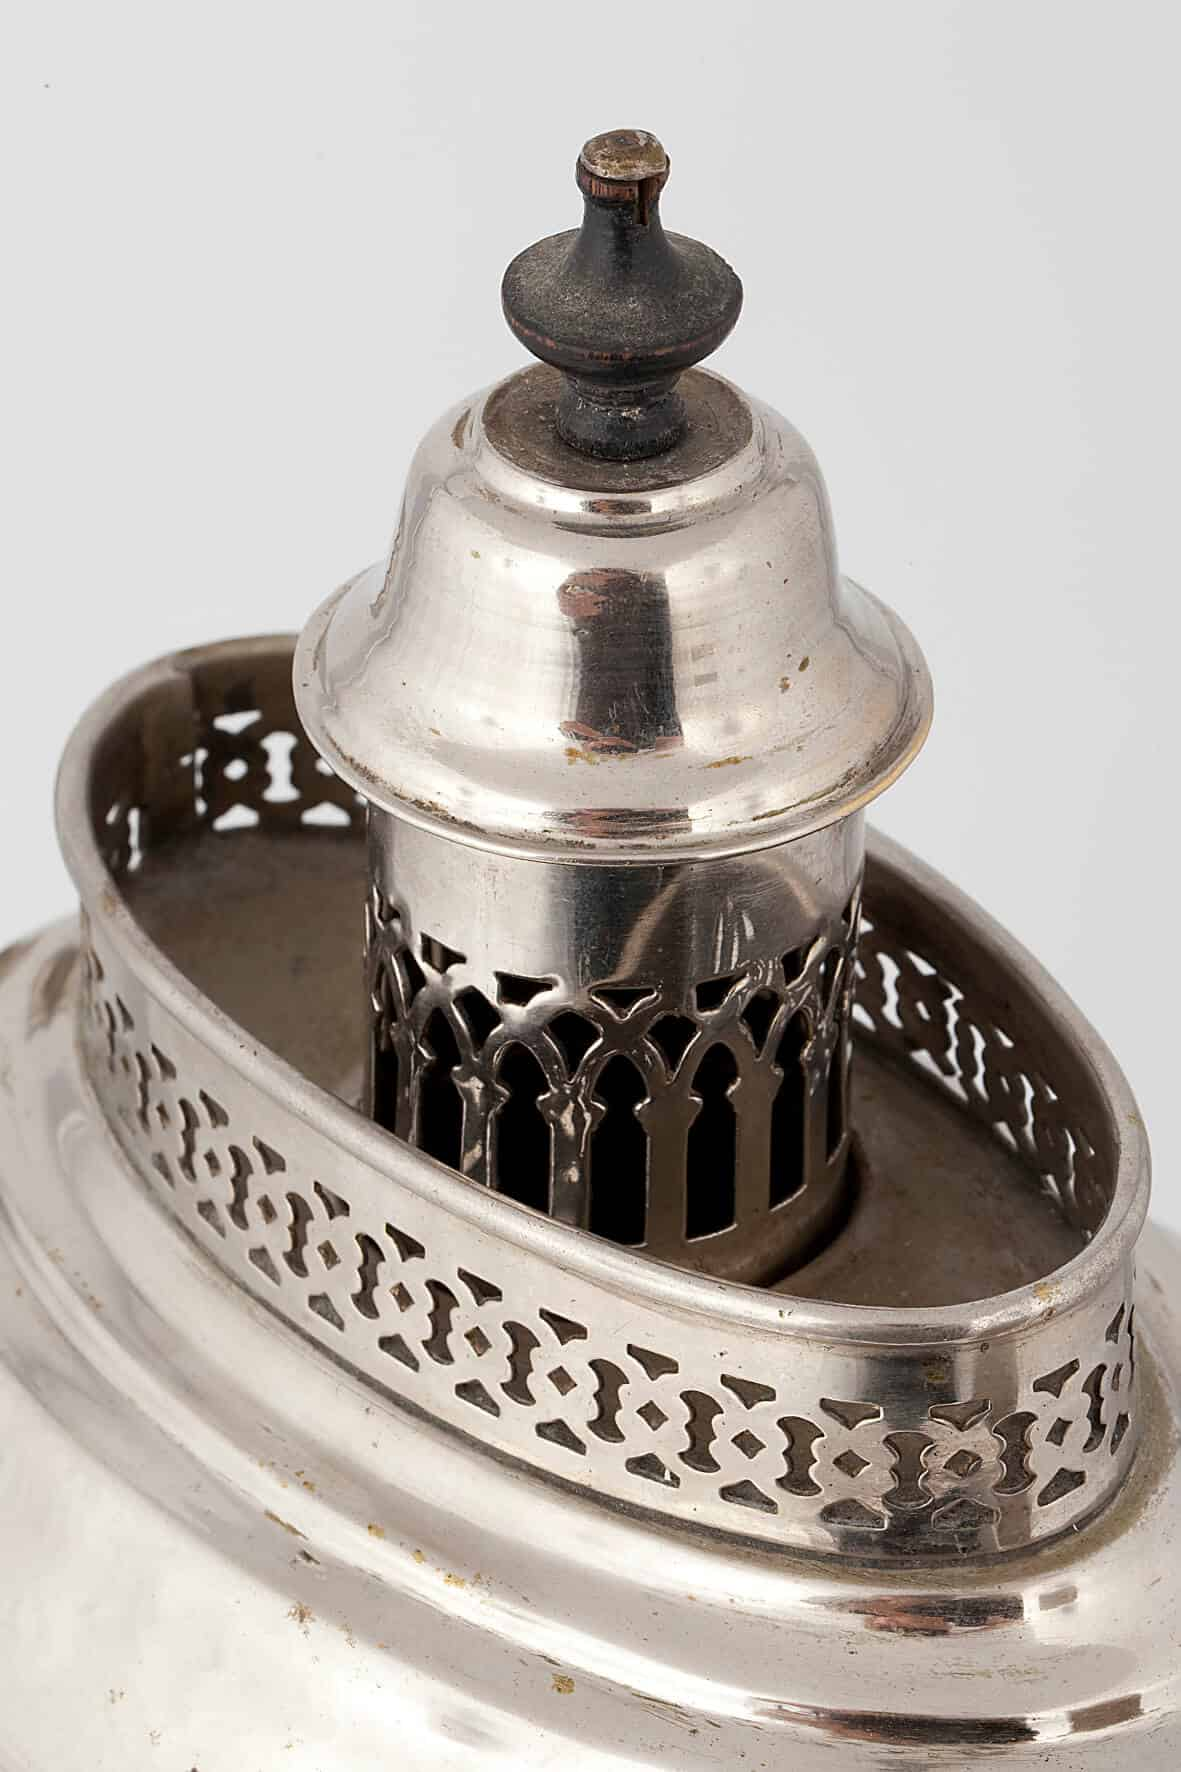 КБ 406 | Самовар-кофейник | Музей самоваров и бульоток